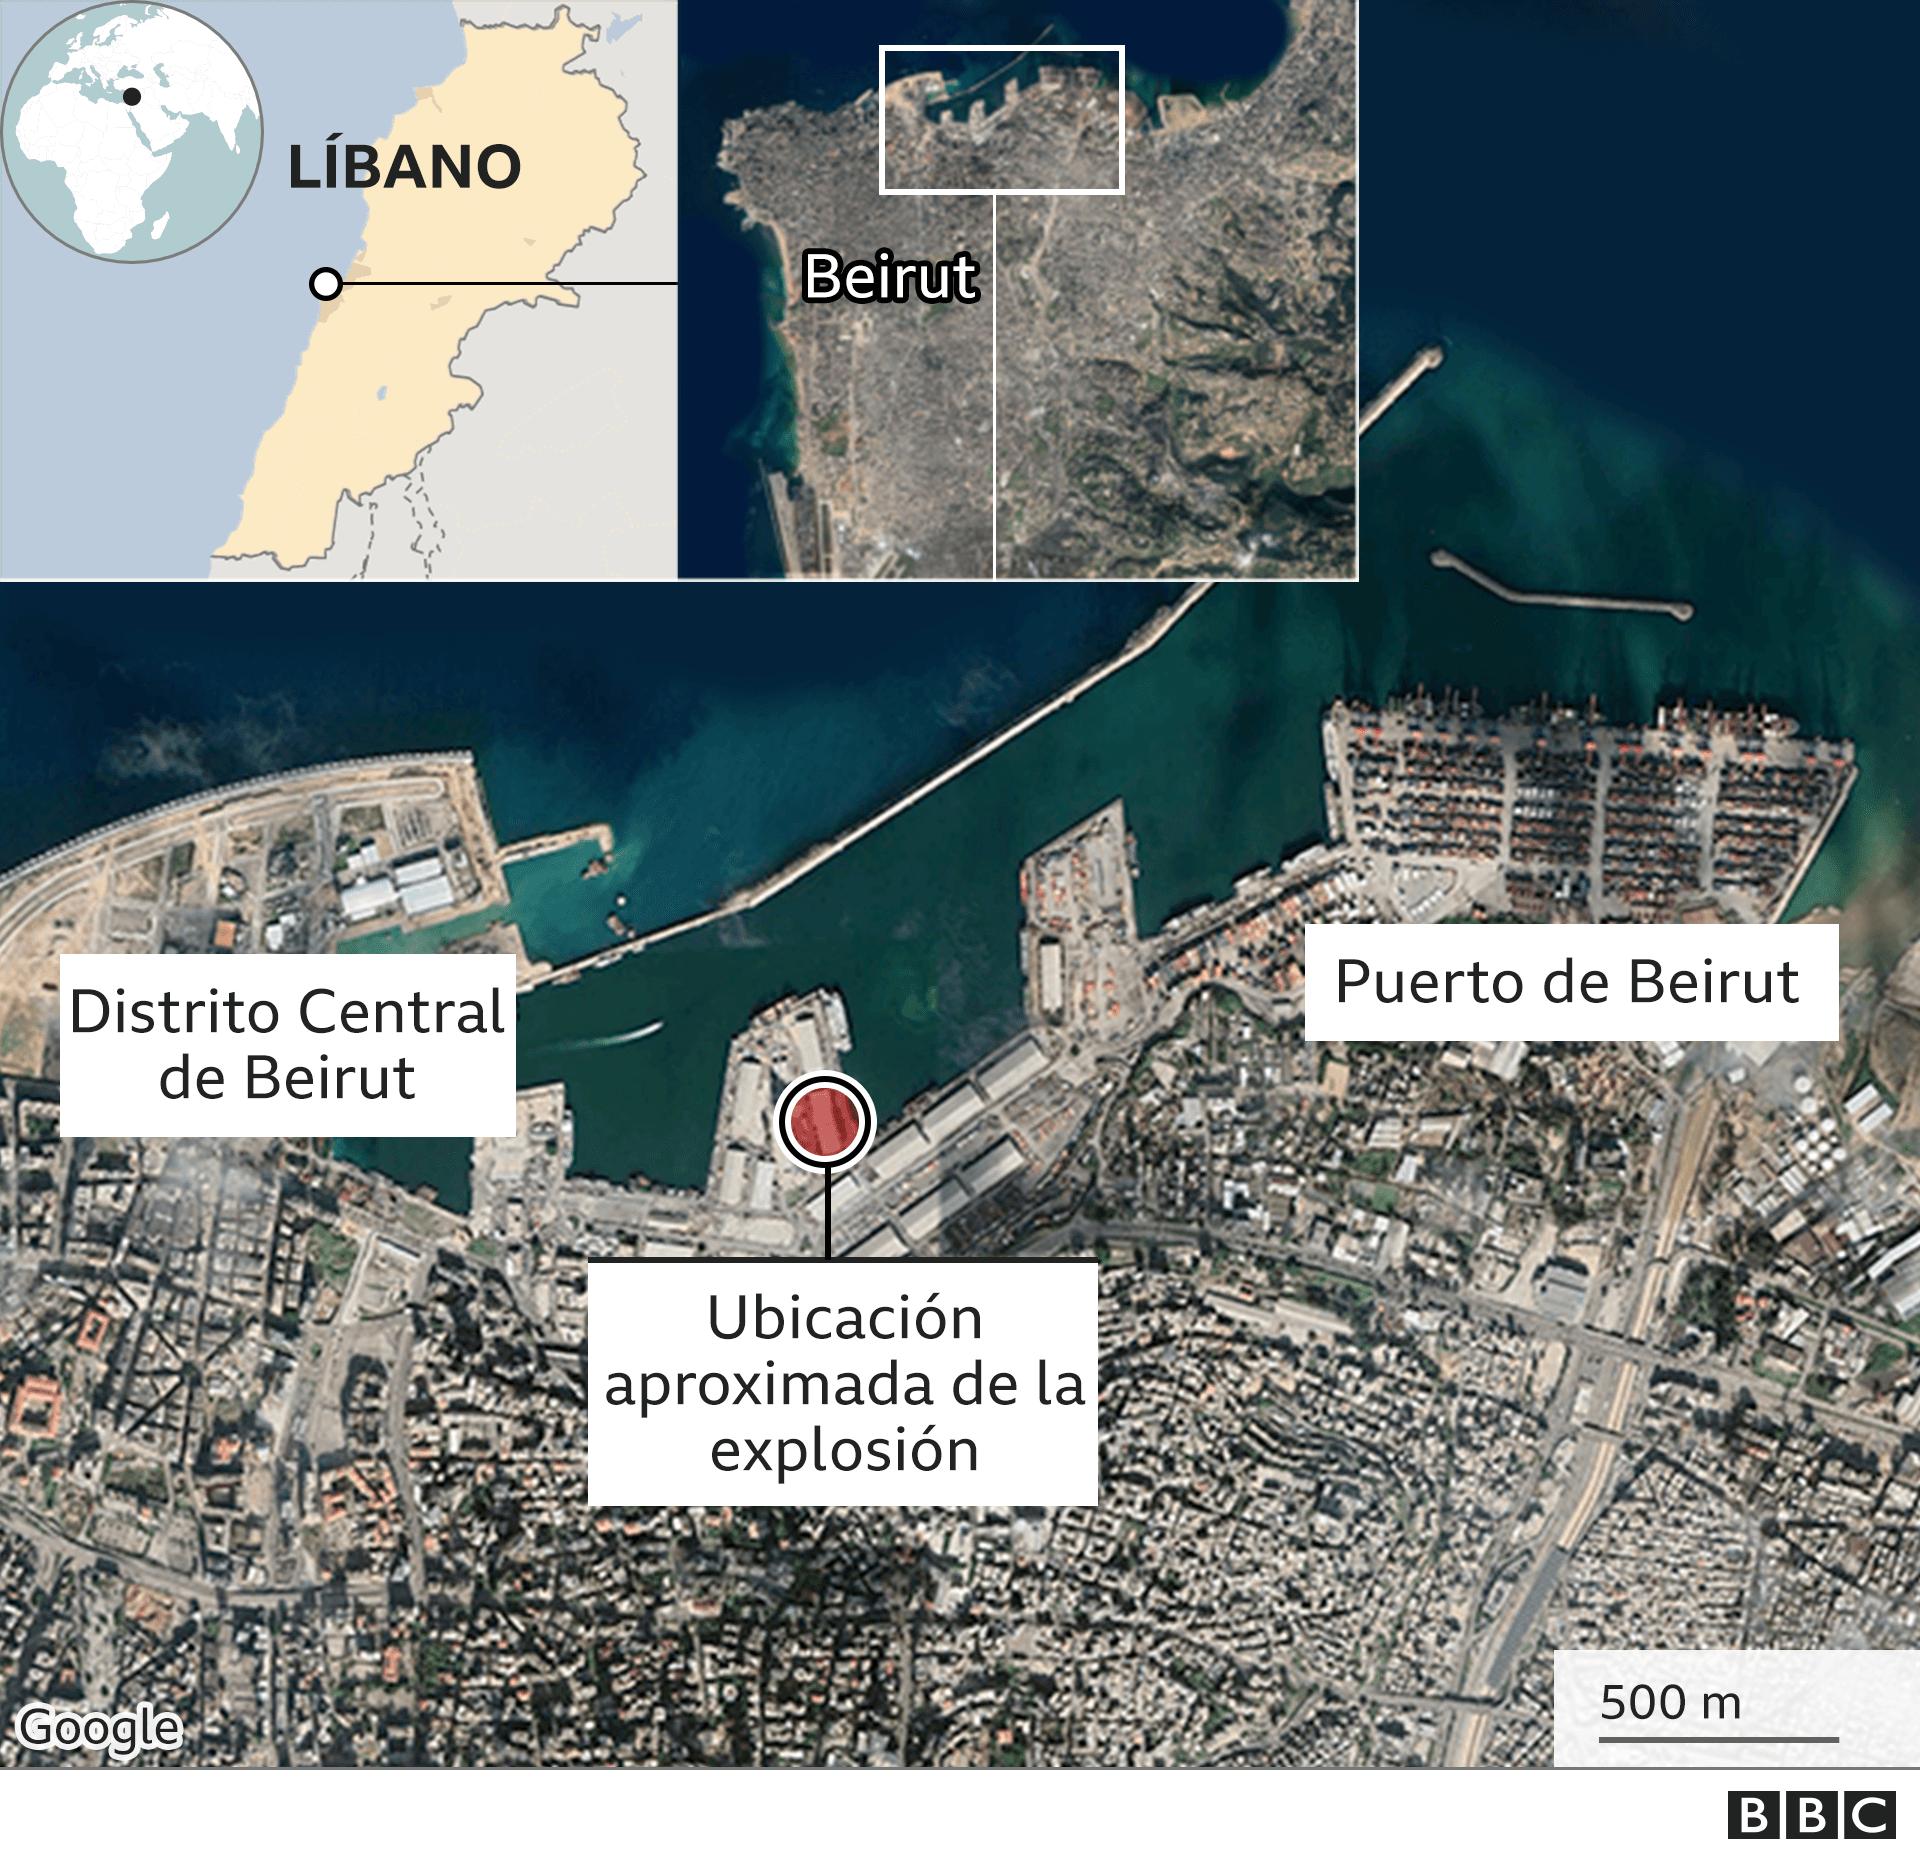 Mapa de la zona del puerto de Beirut.